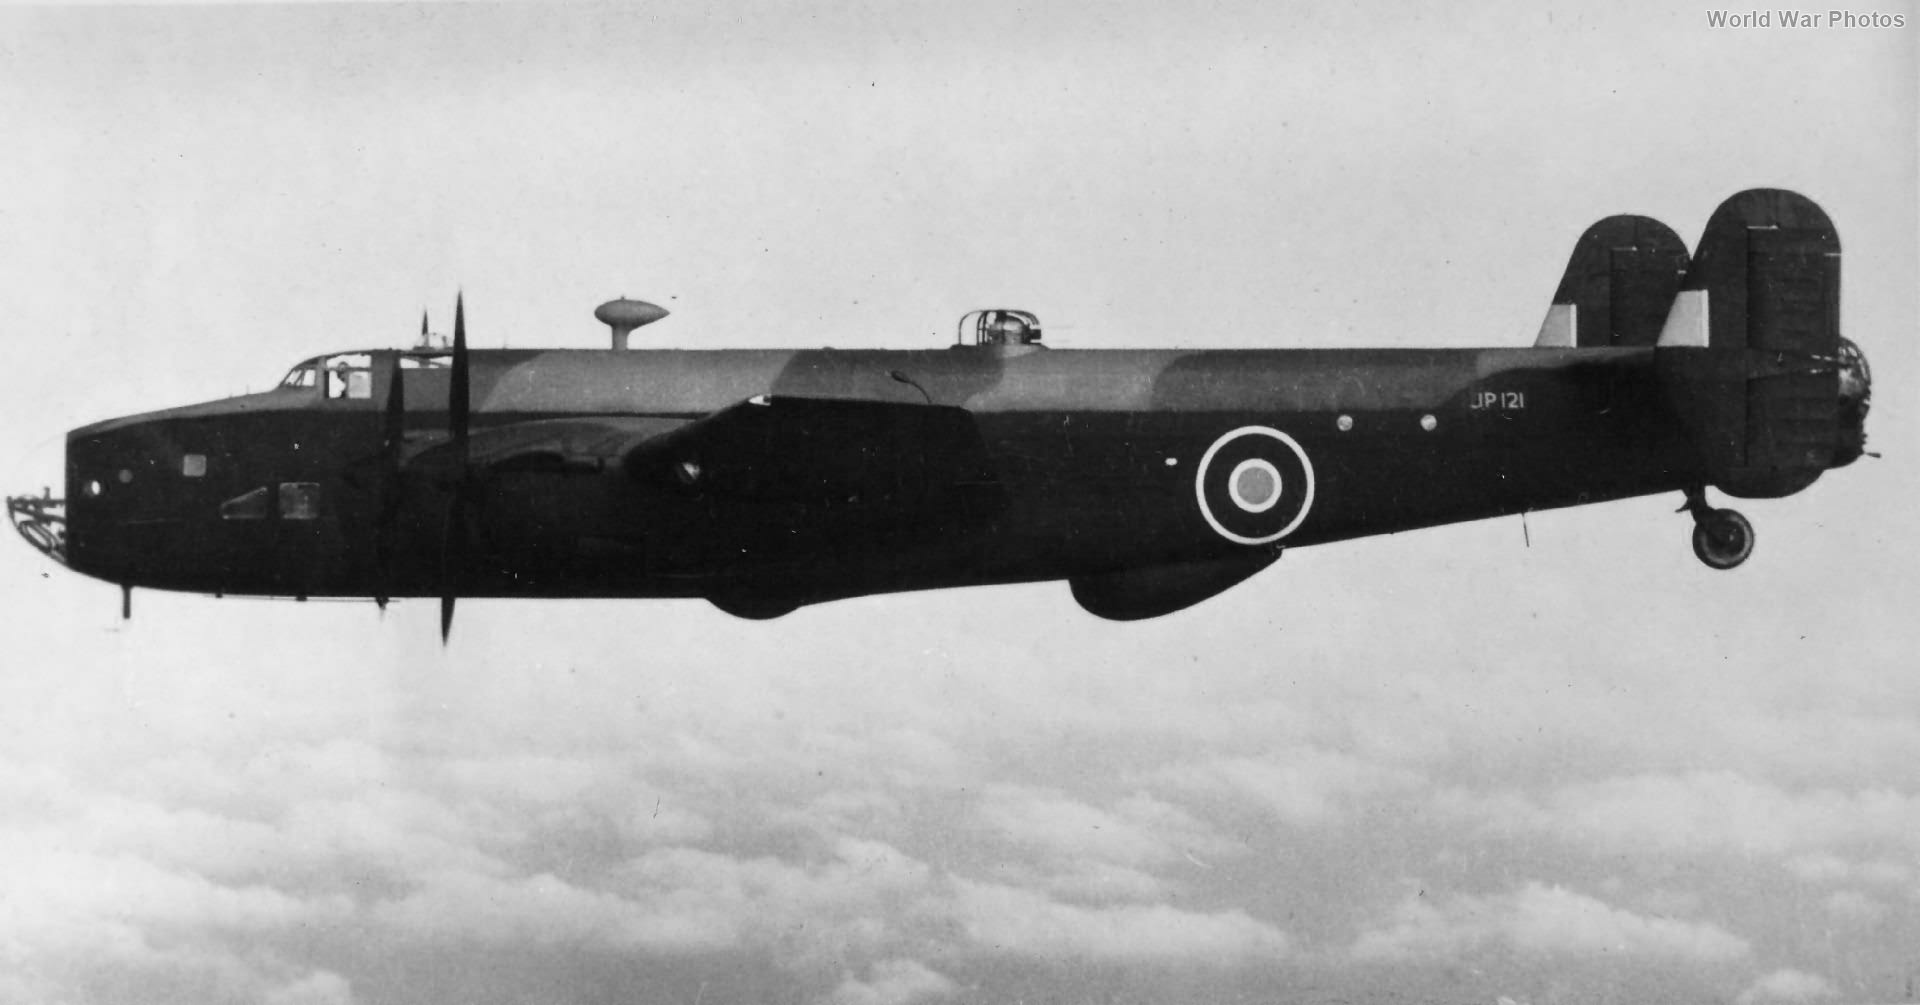 Halifax B II srs 1a JP121